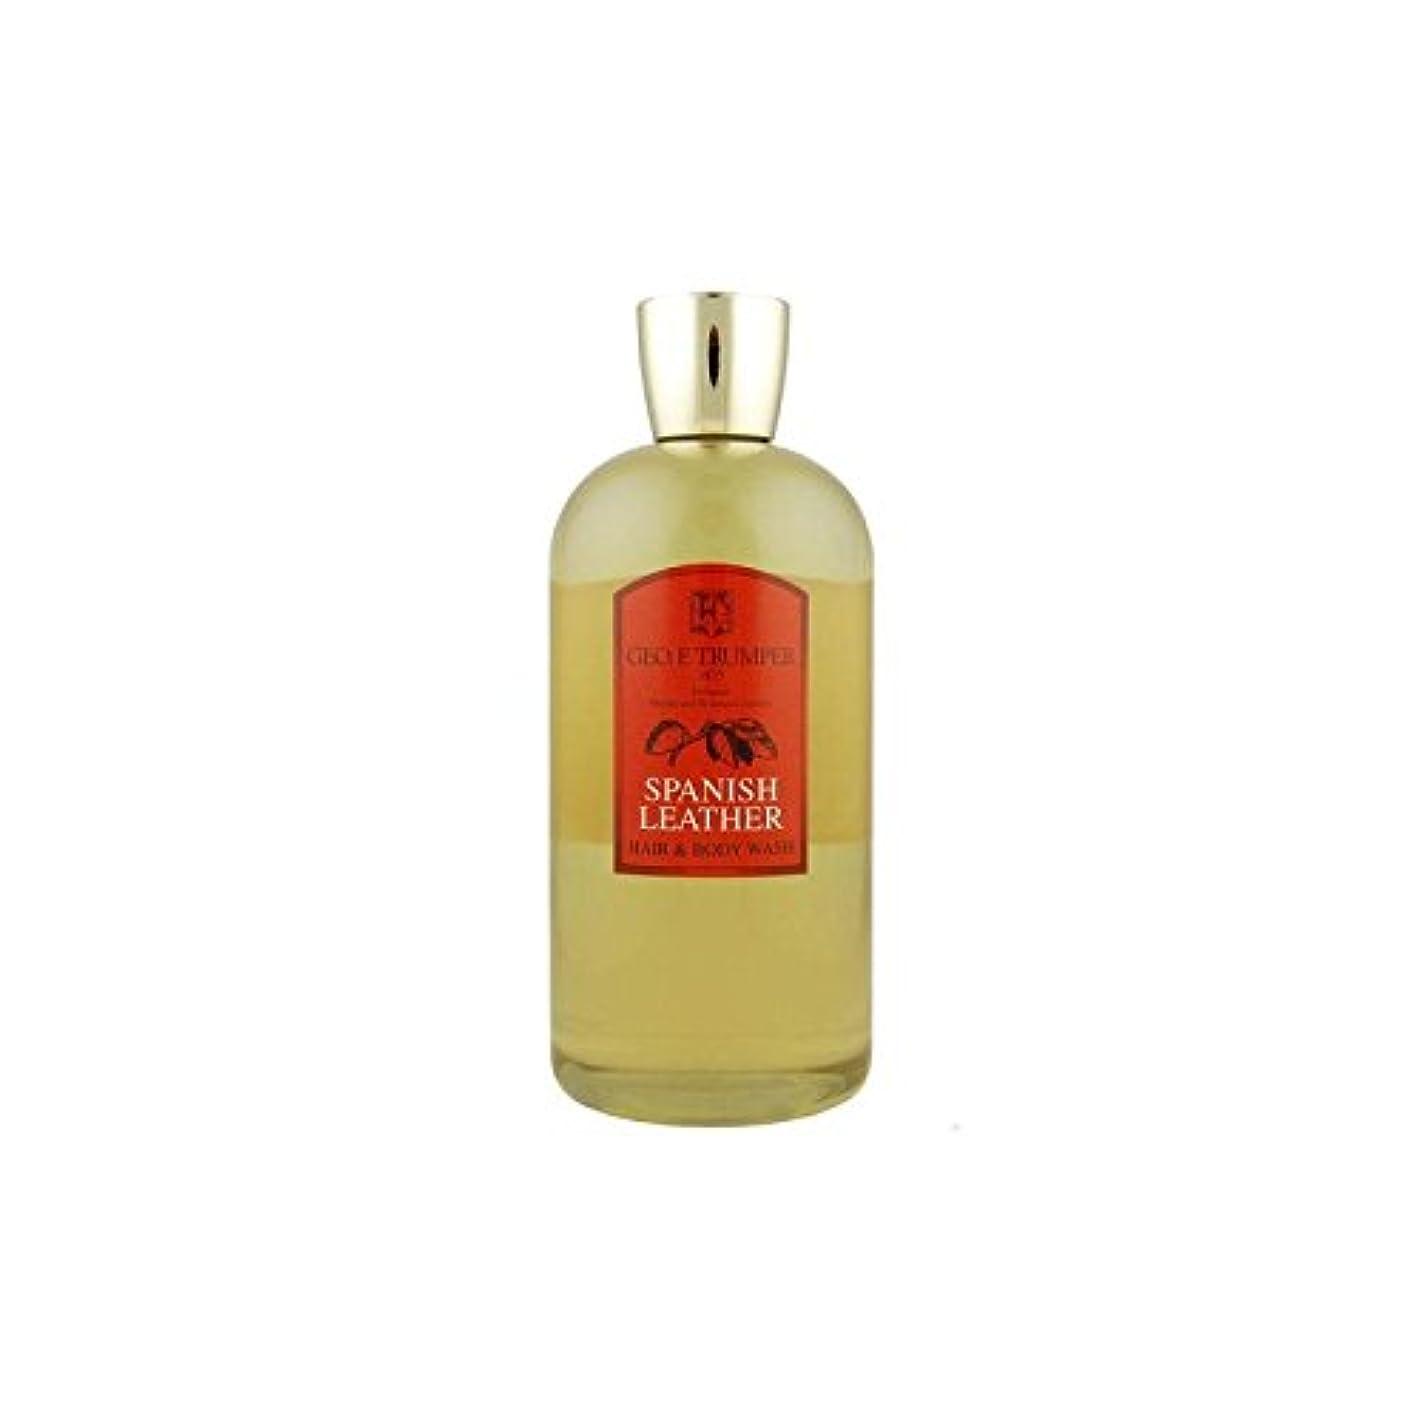 幻滅する役に立つ韓国語革の髪とボディウォッシュスペイン語 - 500ボトル x4 - Trumpers Spanish Leather Hair and Body Wash - 500mlTravel Bottle (Pack of 4) [...